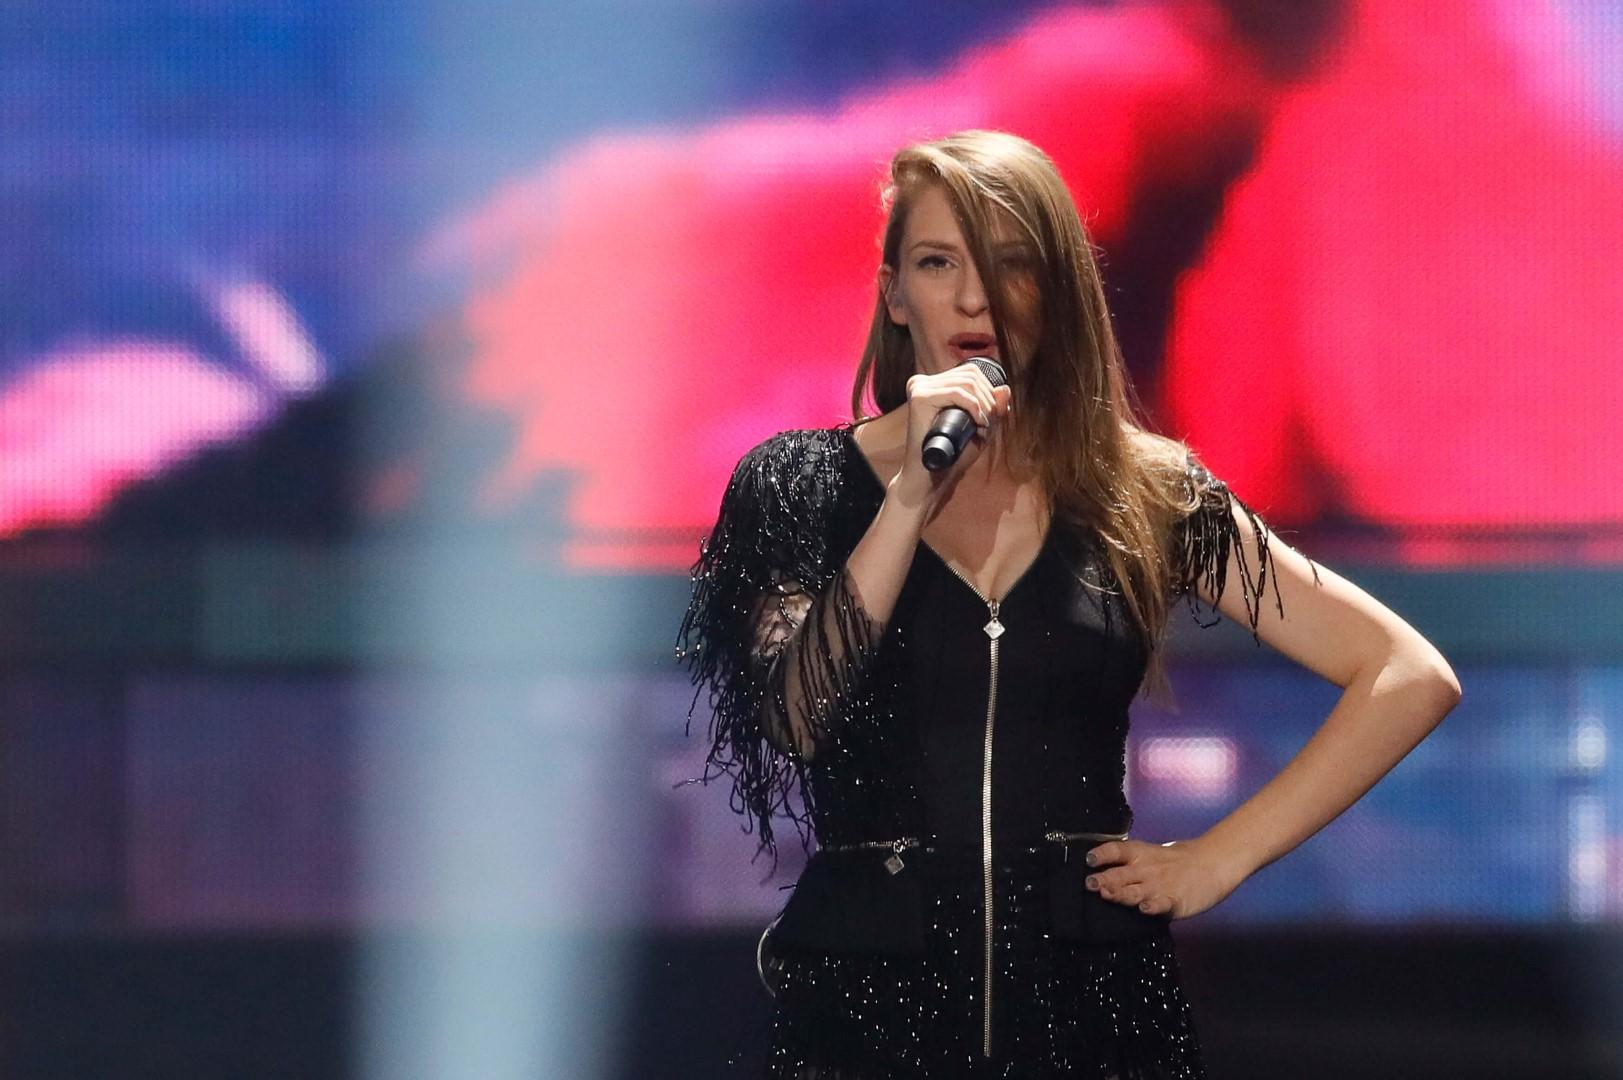 ПОДГОТВЕНА ЗА НАСТАПОТ: Погледнете ја втората проба на Јана на евровизиската сцена (ВИДЕО)